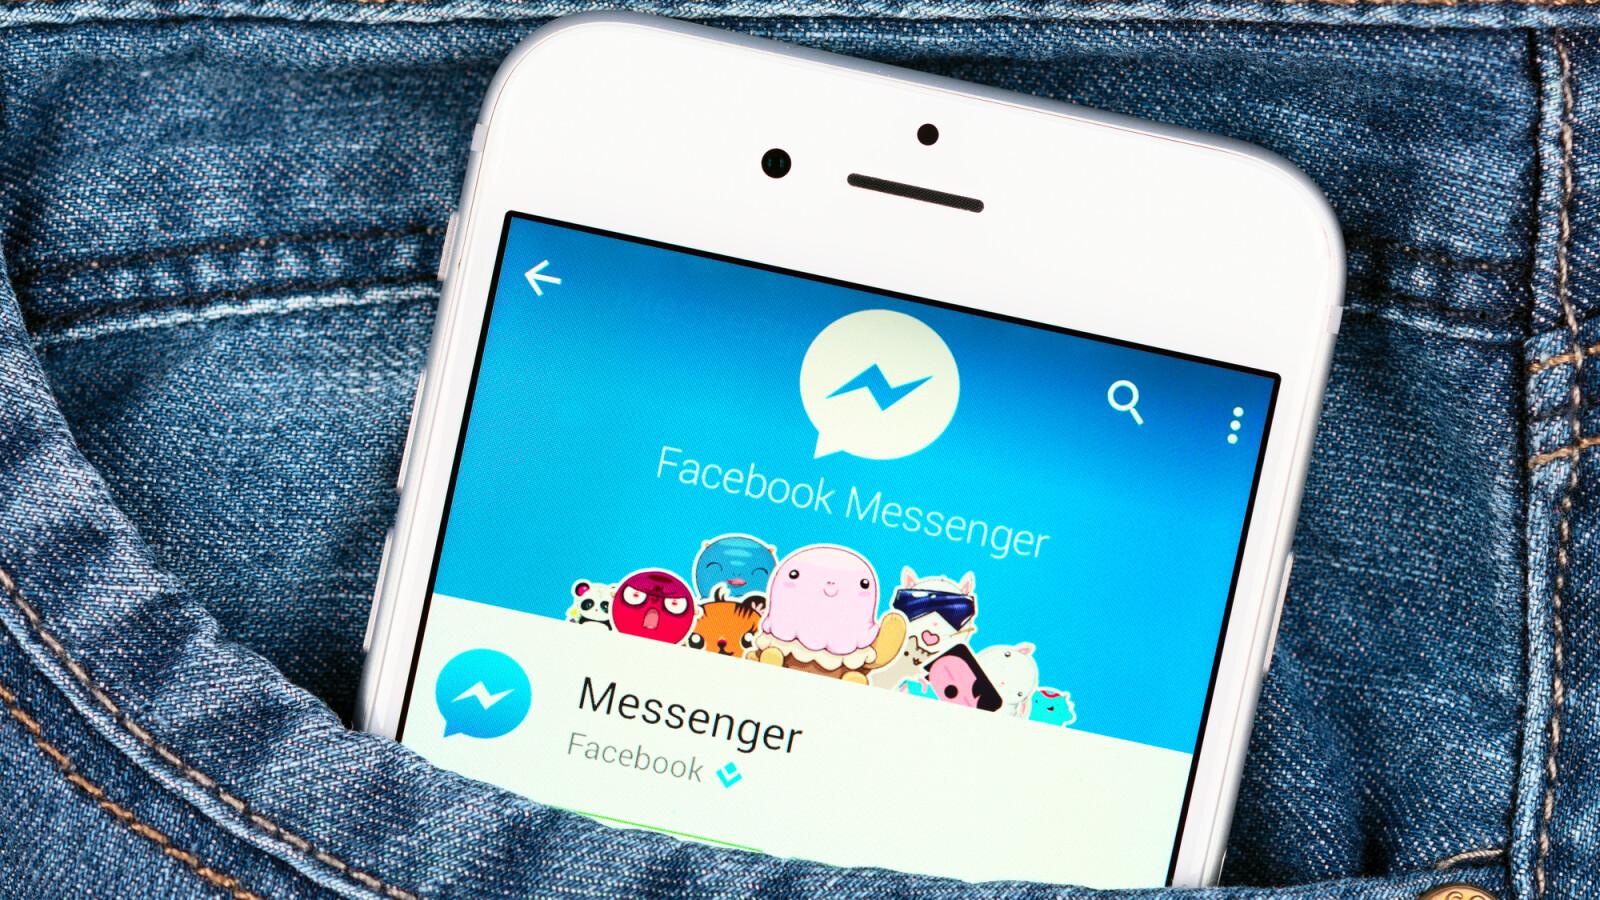 Gesendet aber nachricht nicht zugestellt facebook WhatsApp Nachricht